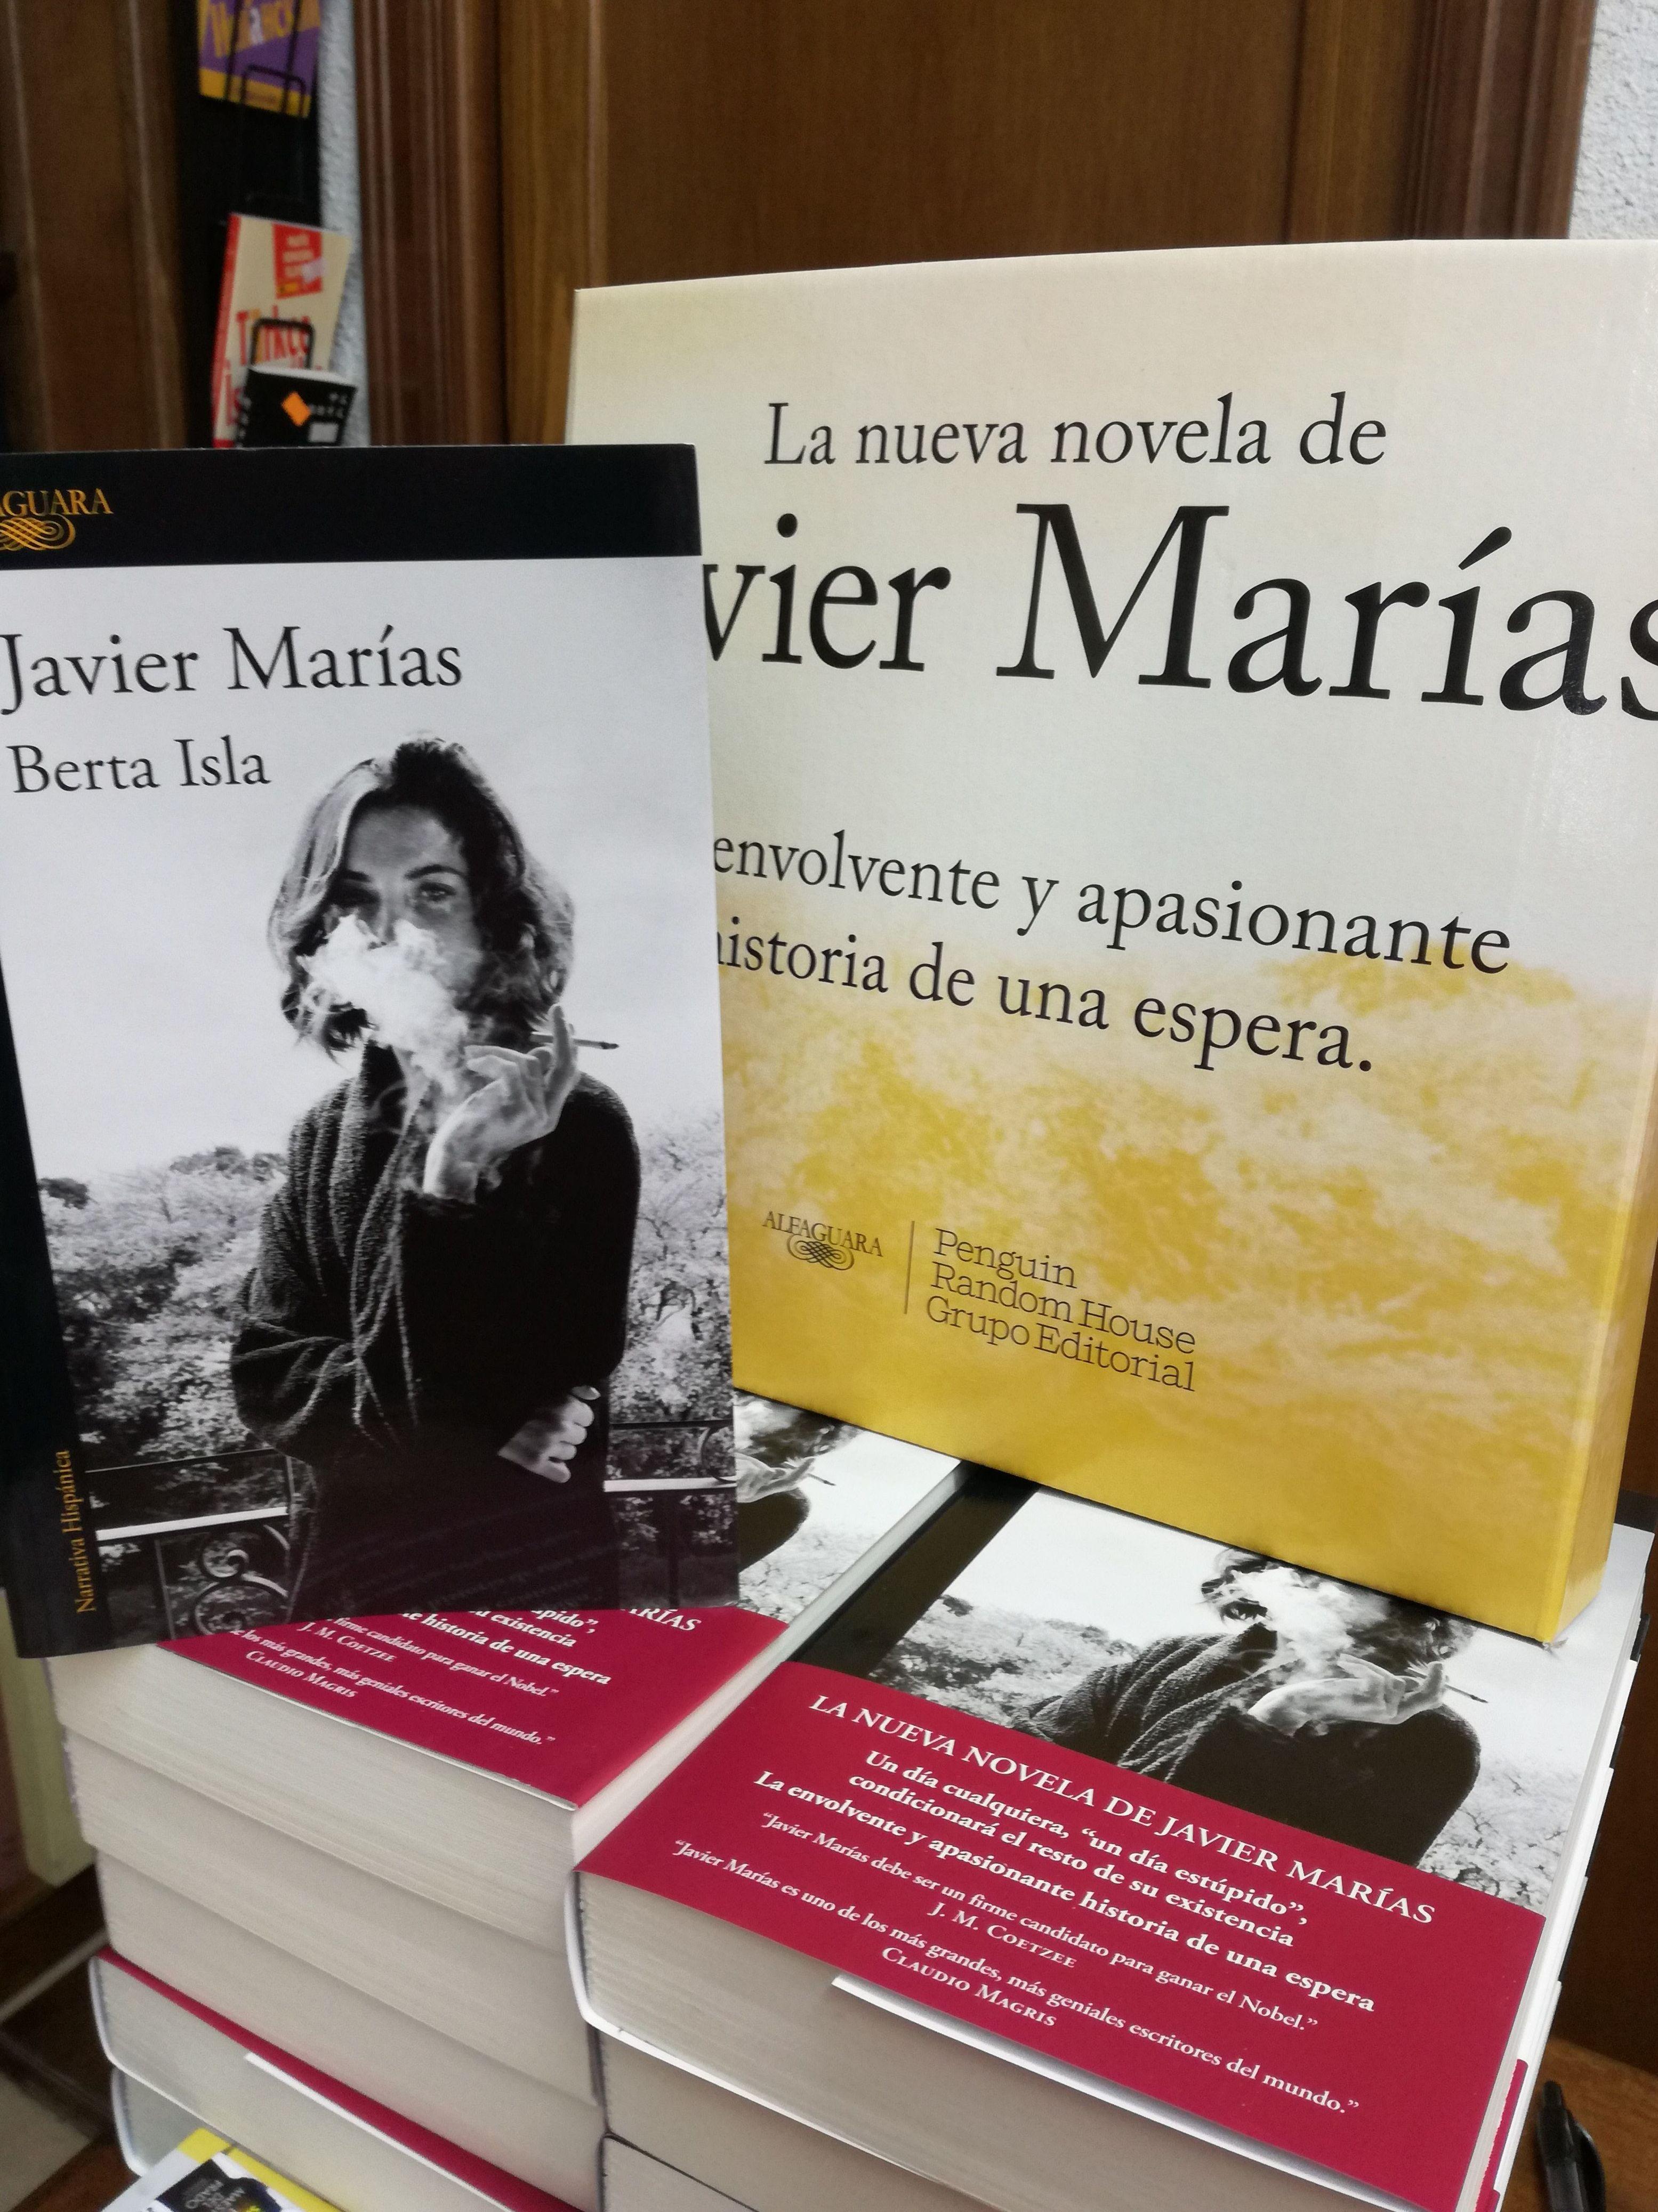 BERTA ISLA: SECCIONES de Librería Nueva Plaza Universitaria